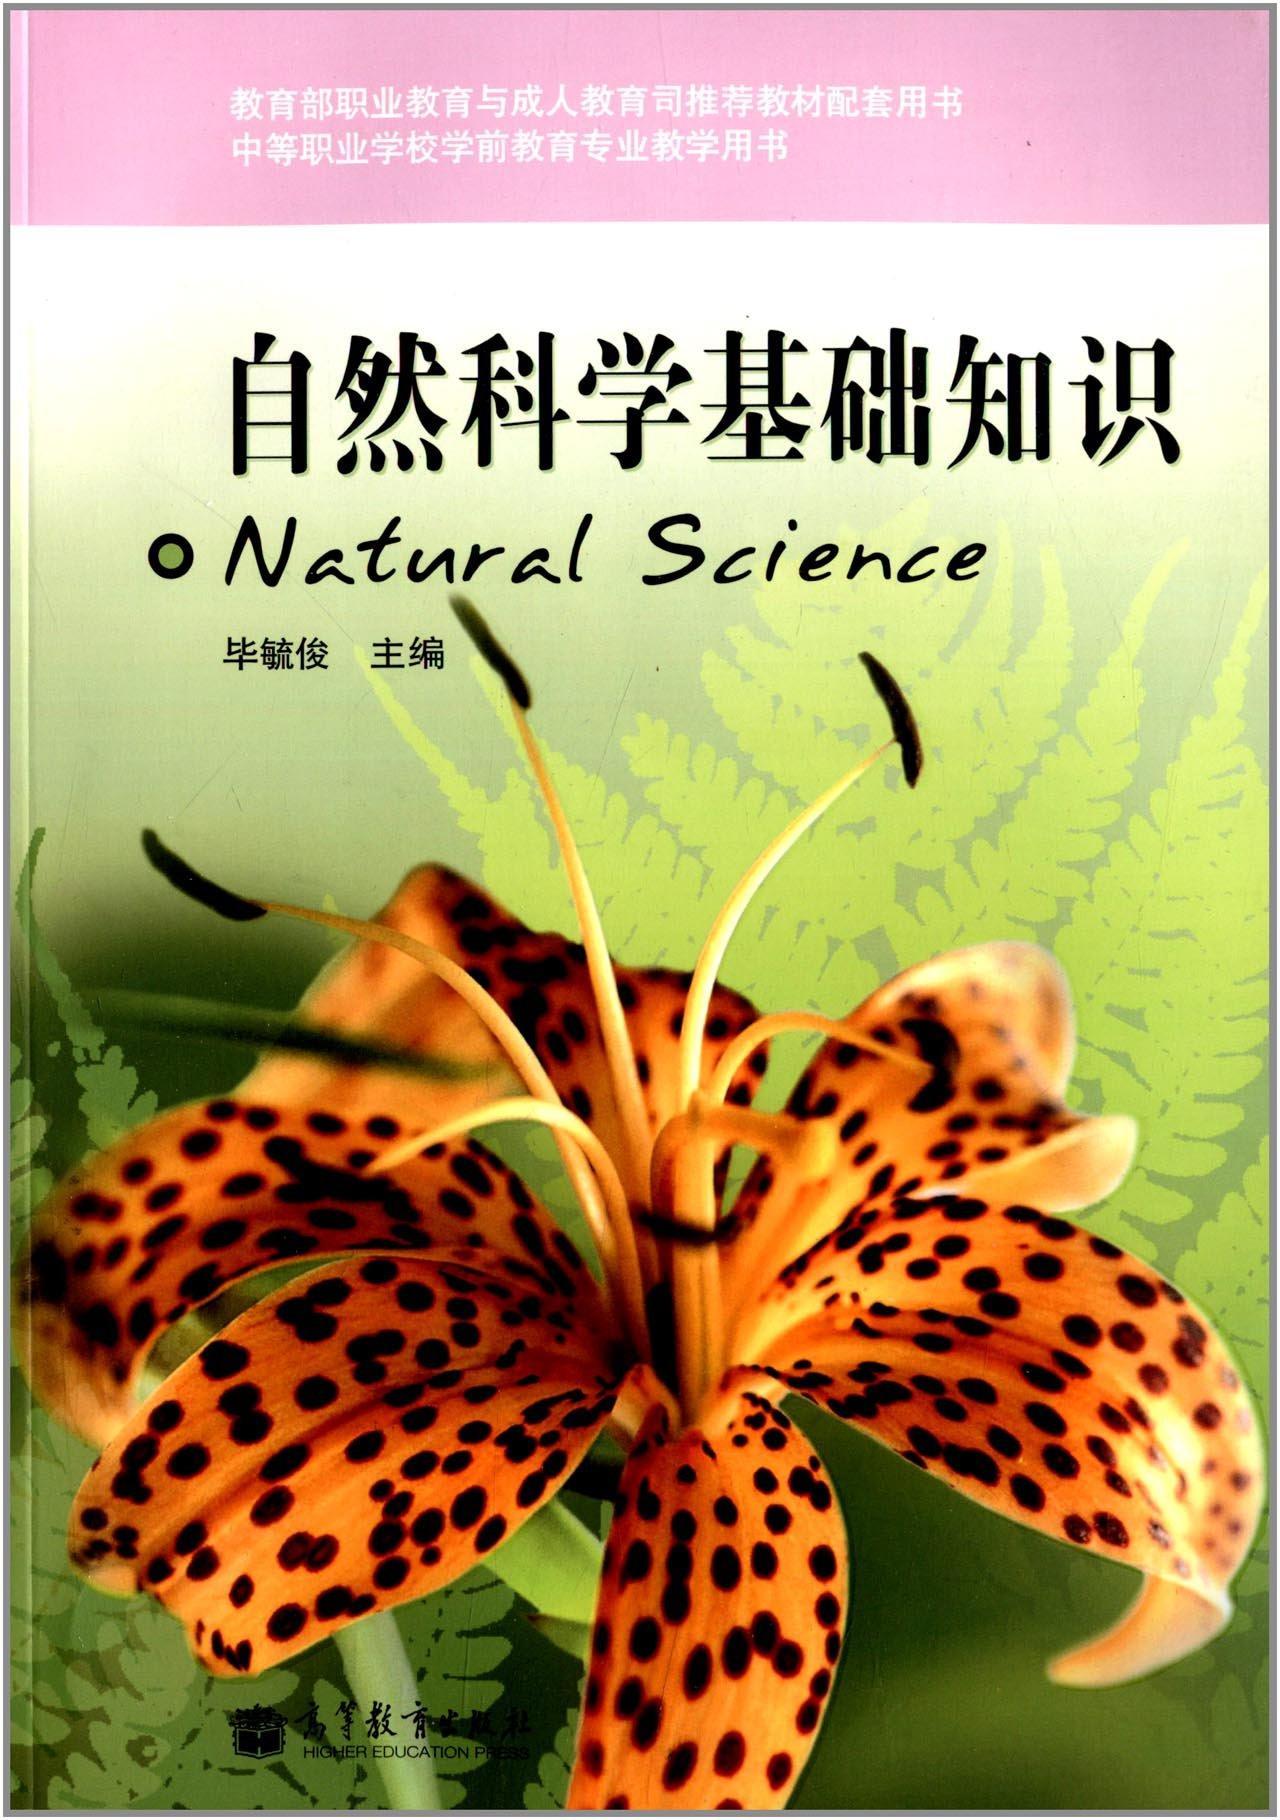 自然科学基础知识